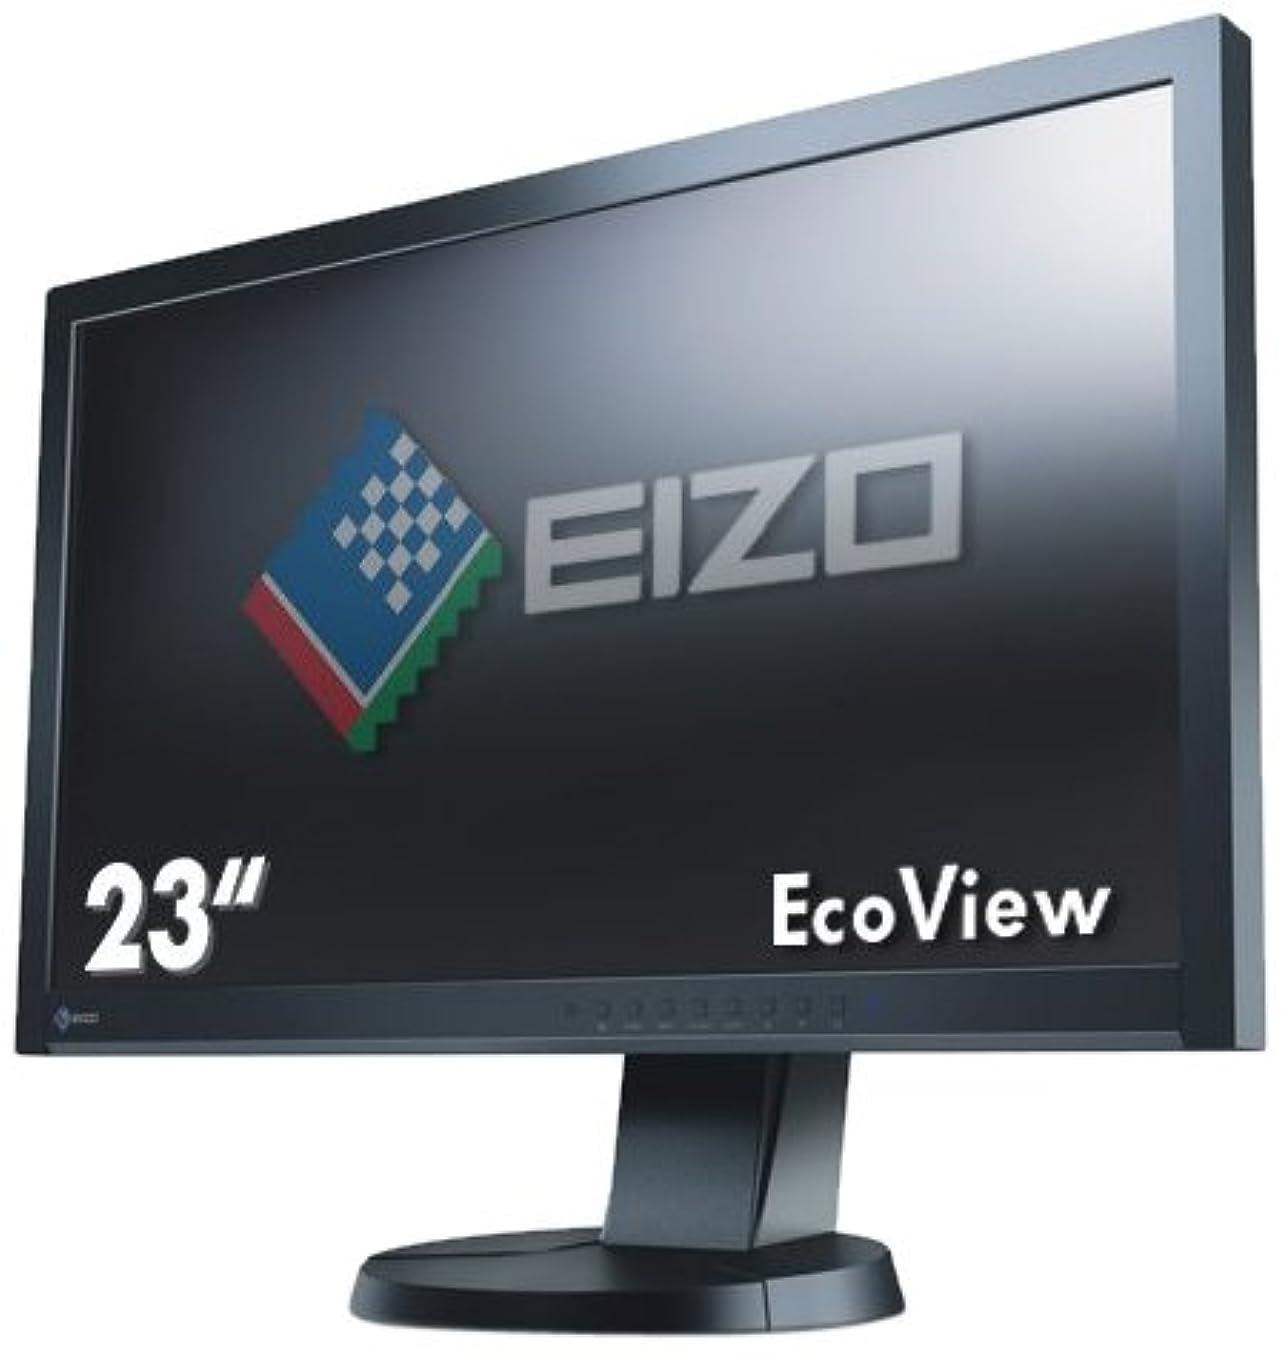 社会主義者キリマンジャロ感嘆符ナナオ <FlexScan> 23.0インチTFTモニタ 1920x1080 DVI-D24ピンx1 D-Sub15ピンx1 DisplayPortx1 ブラック EV2335W-BK